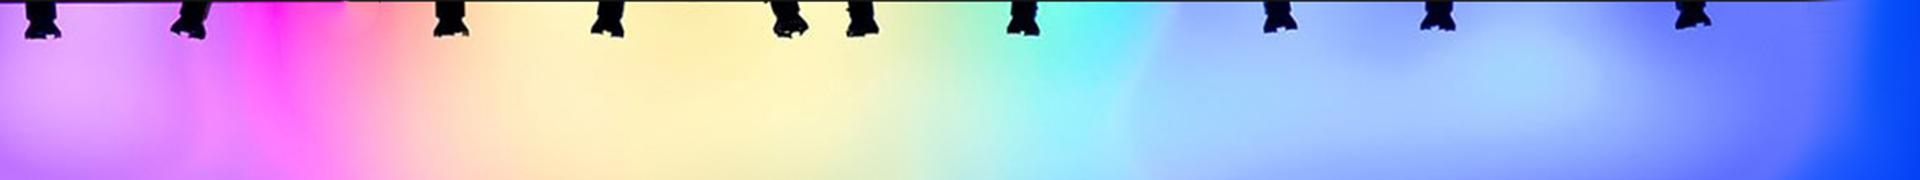 product-level-banner.jpg